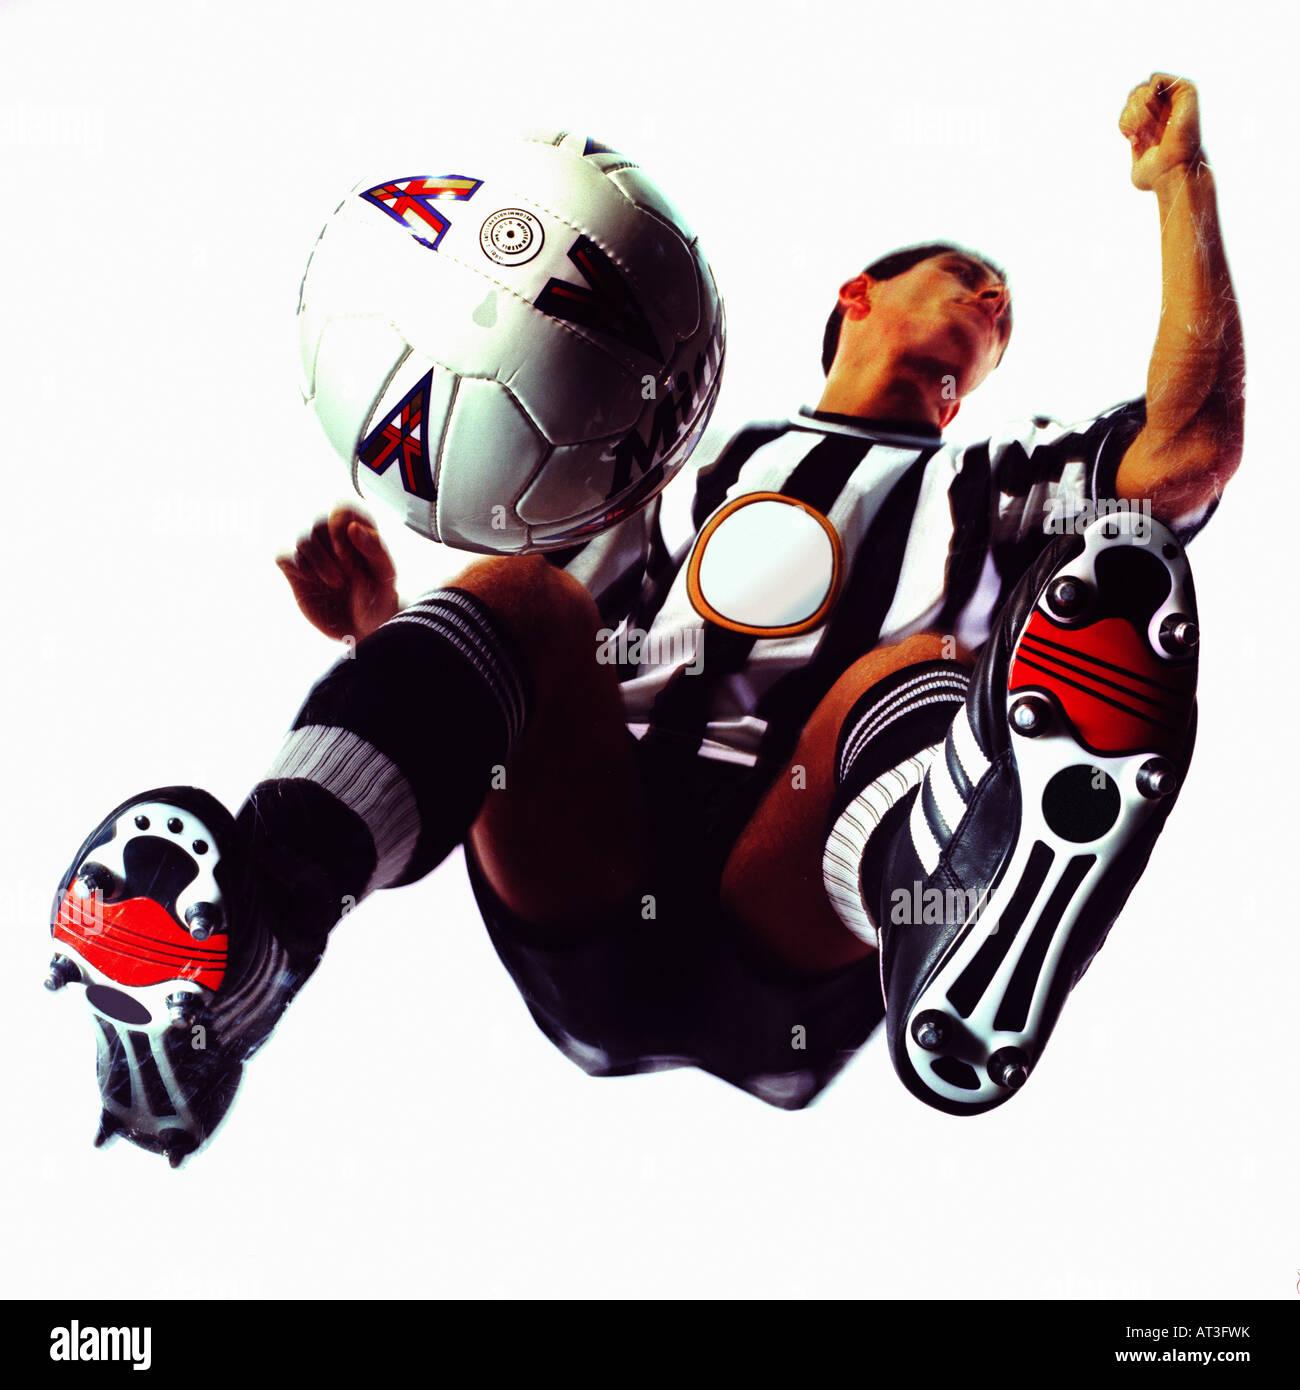 A footballer - Stock Image